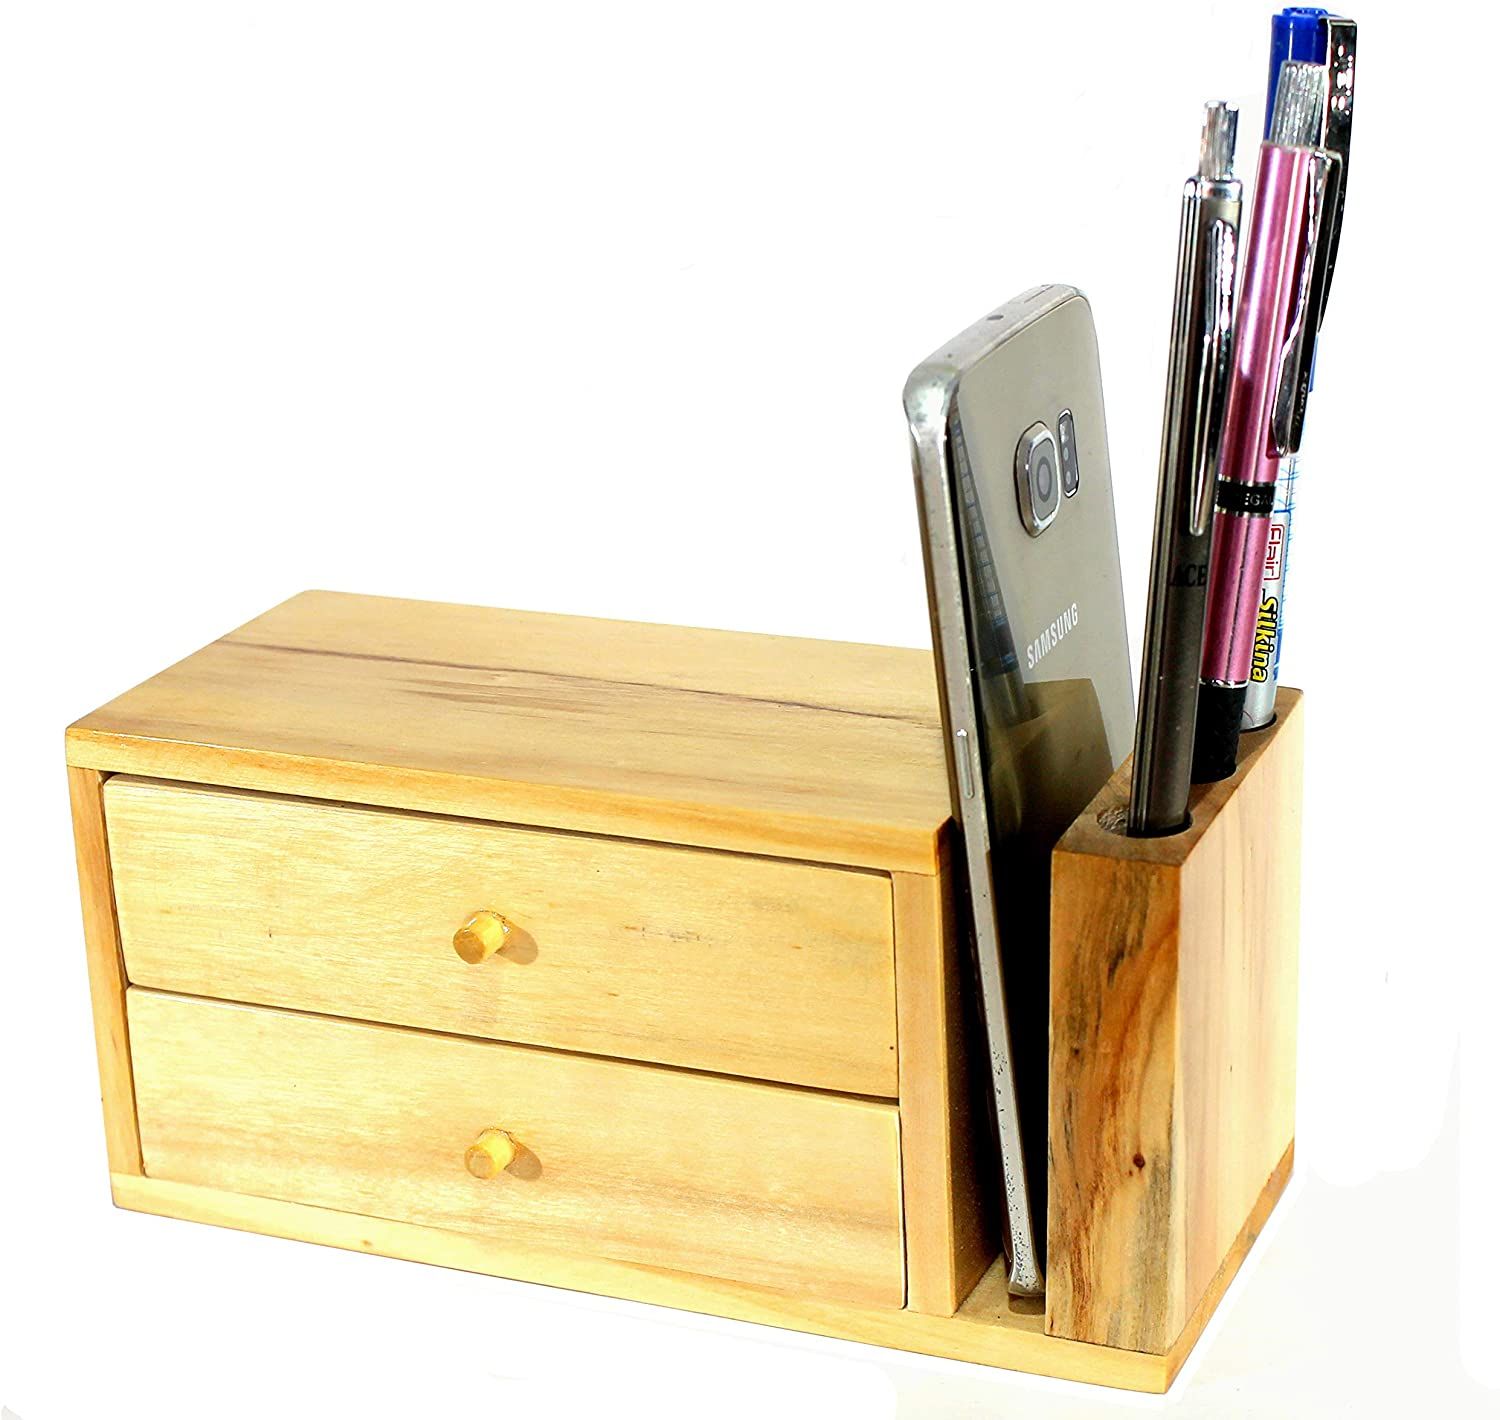 eSplanade Soporte para lápices de madera con soporte para lápices ...